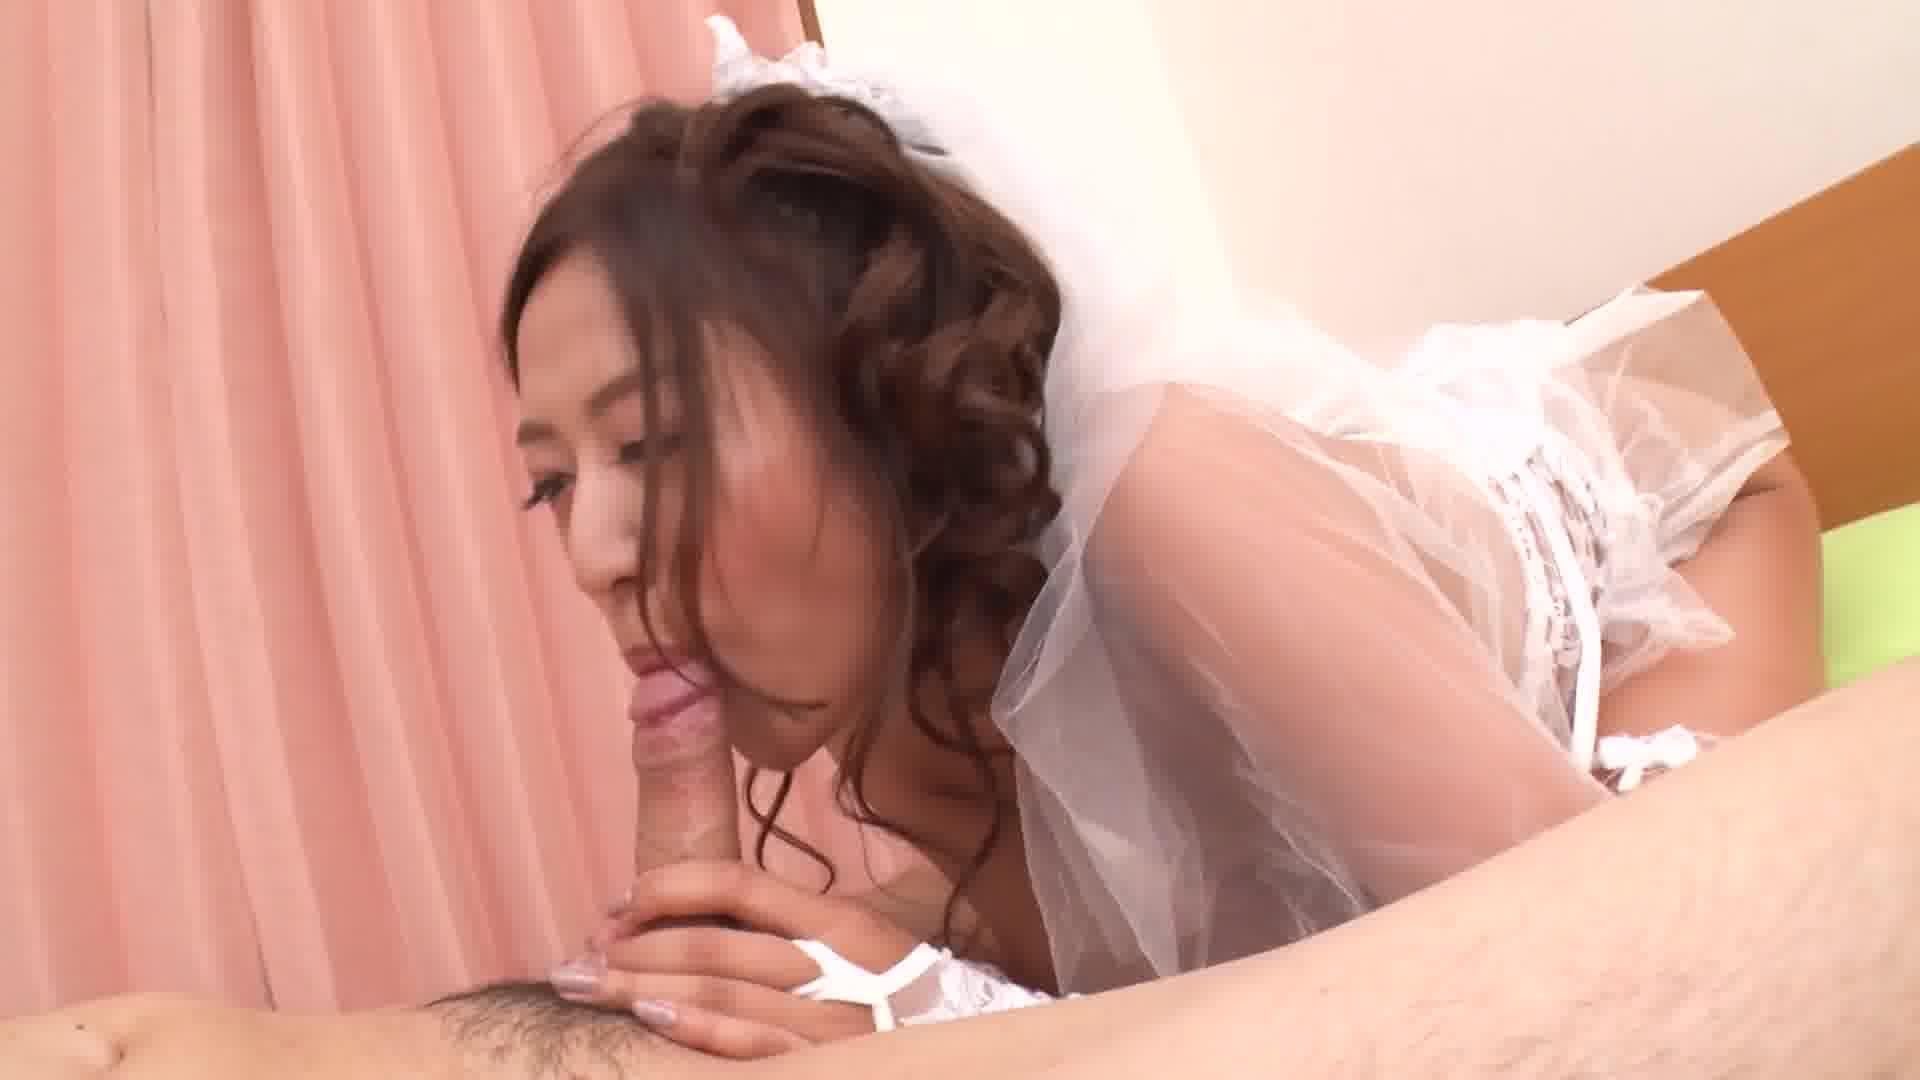 マンネリカップルの解消法 ~新妻プレイで彼は再び恋をする~ - 日向るな【パイパン・美乳・中出し】